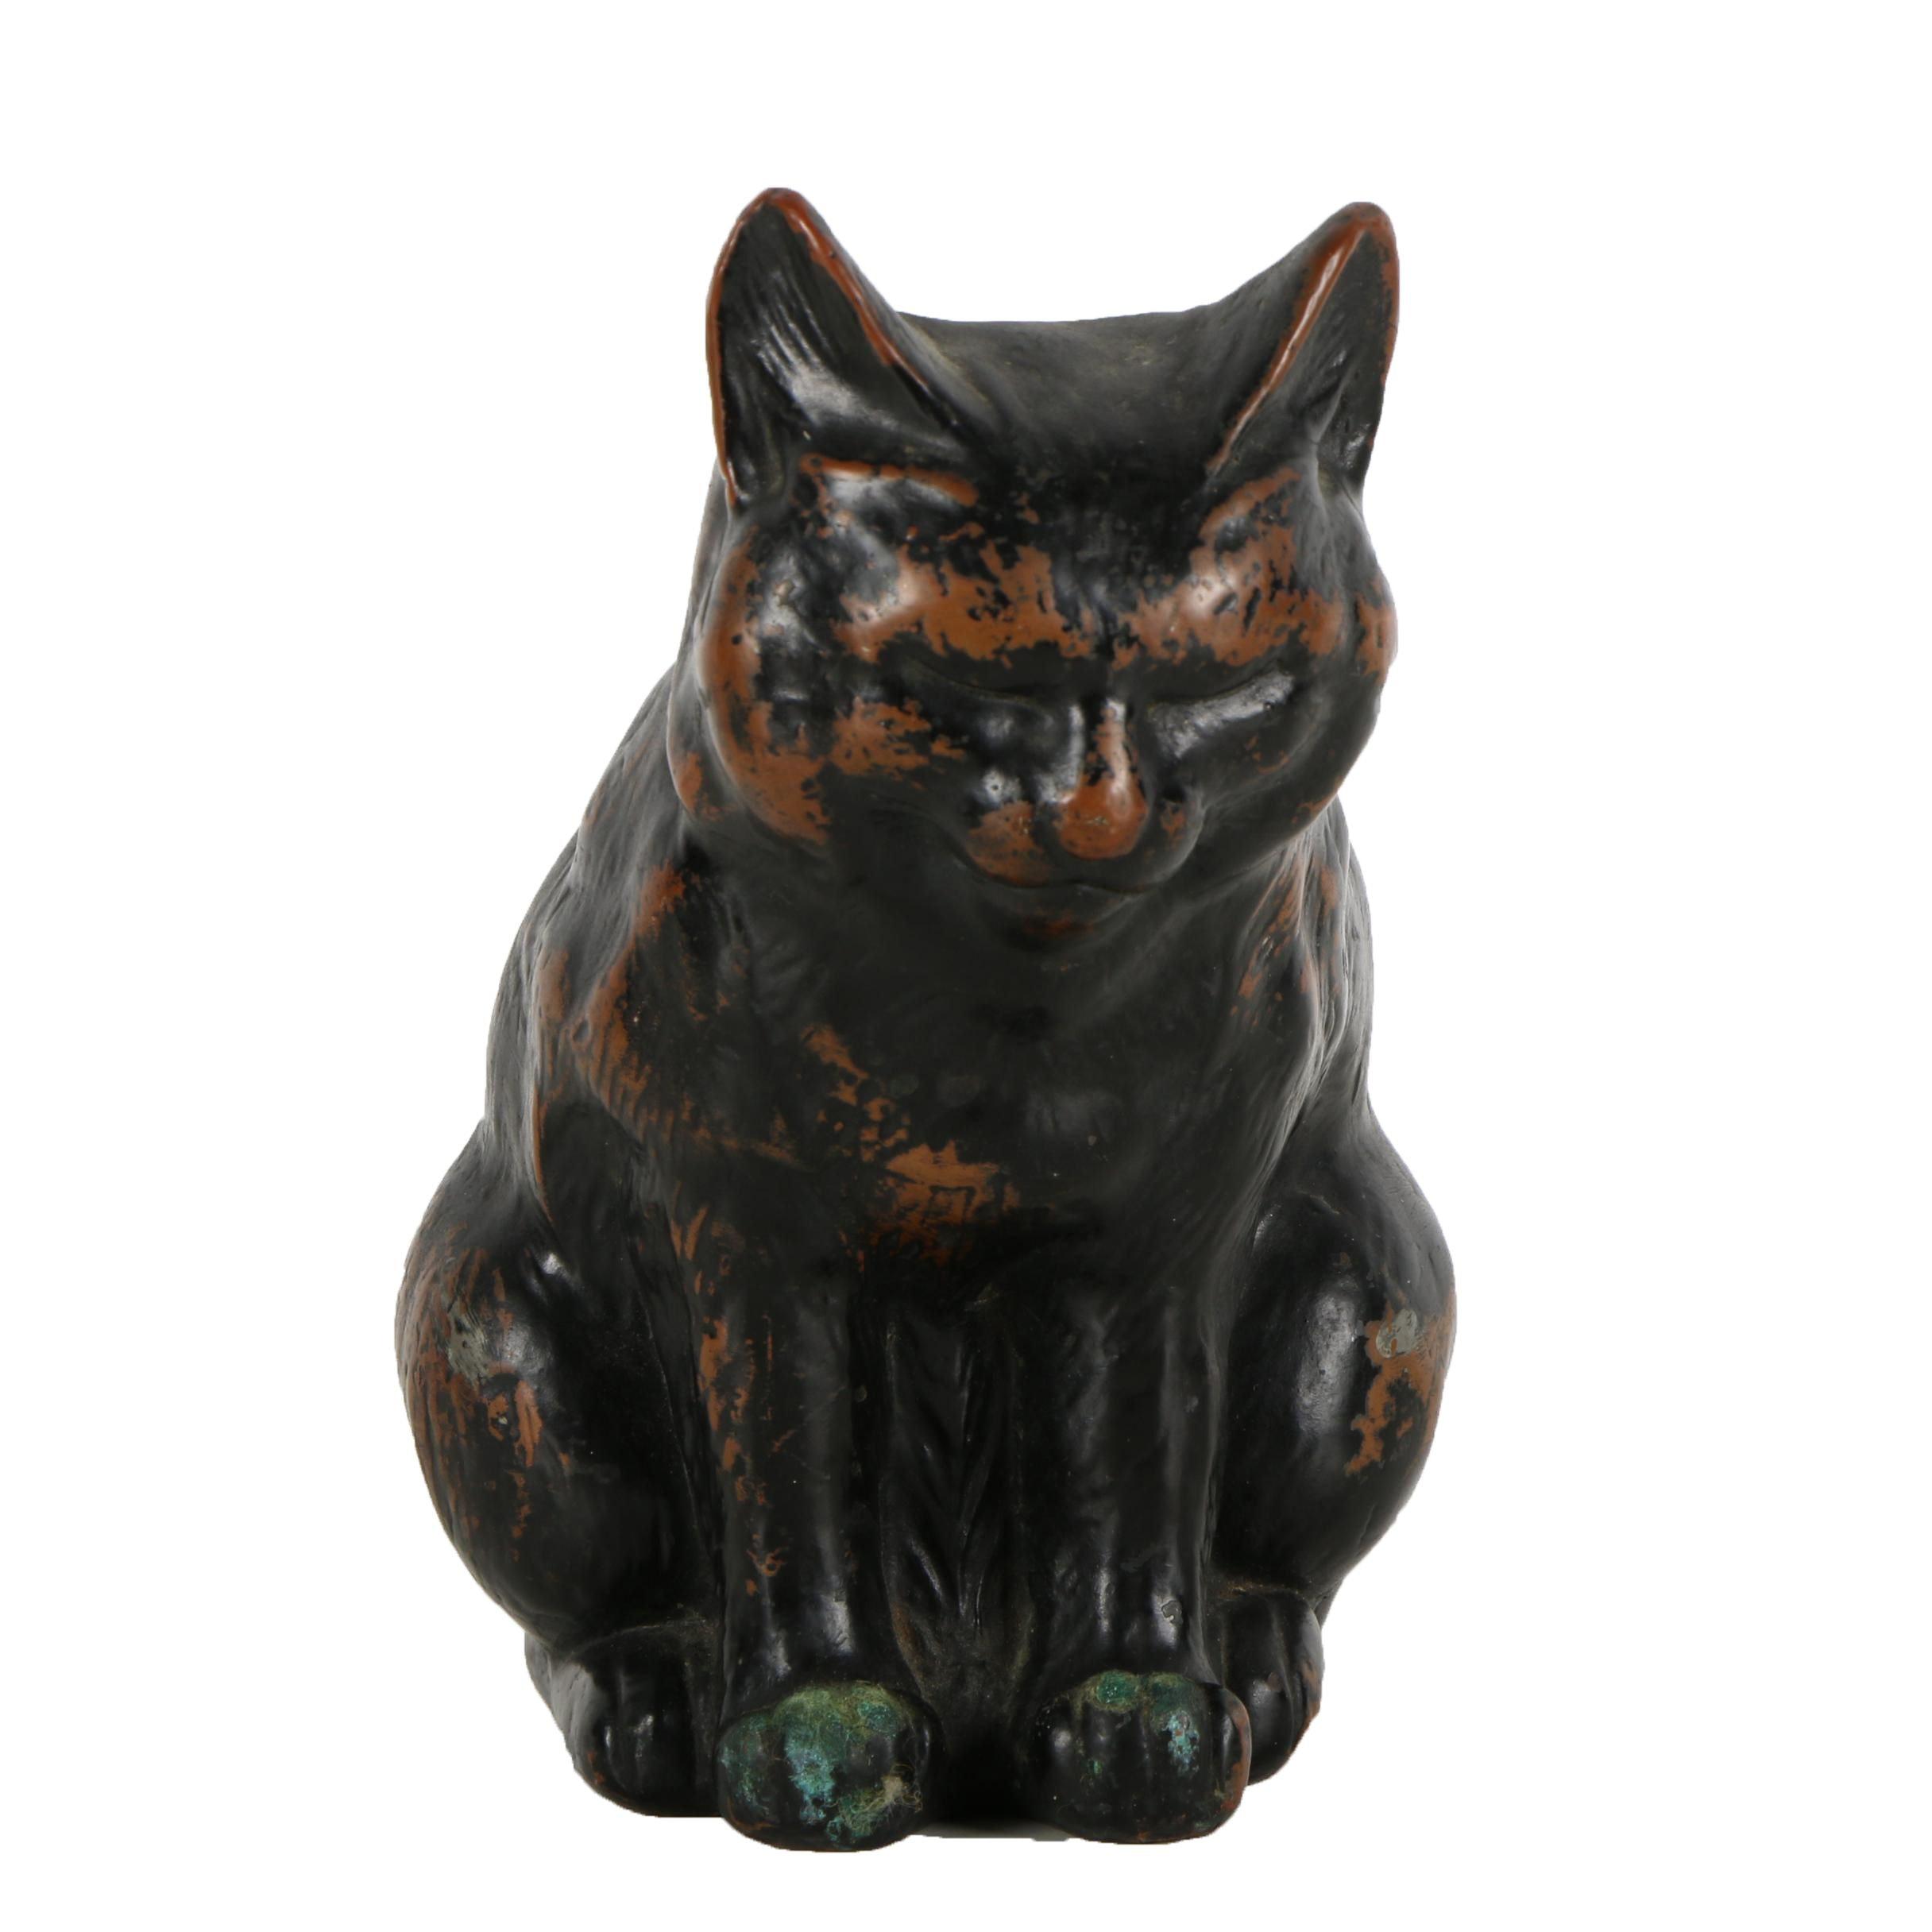 Mid 20th Century Bronze Tone Sculpture